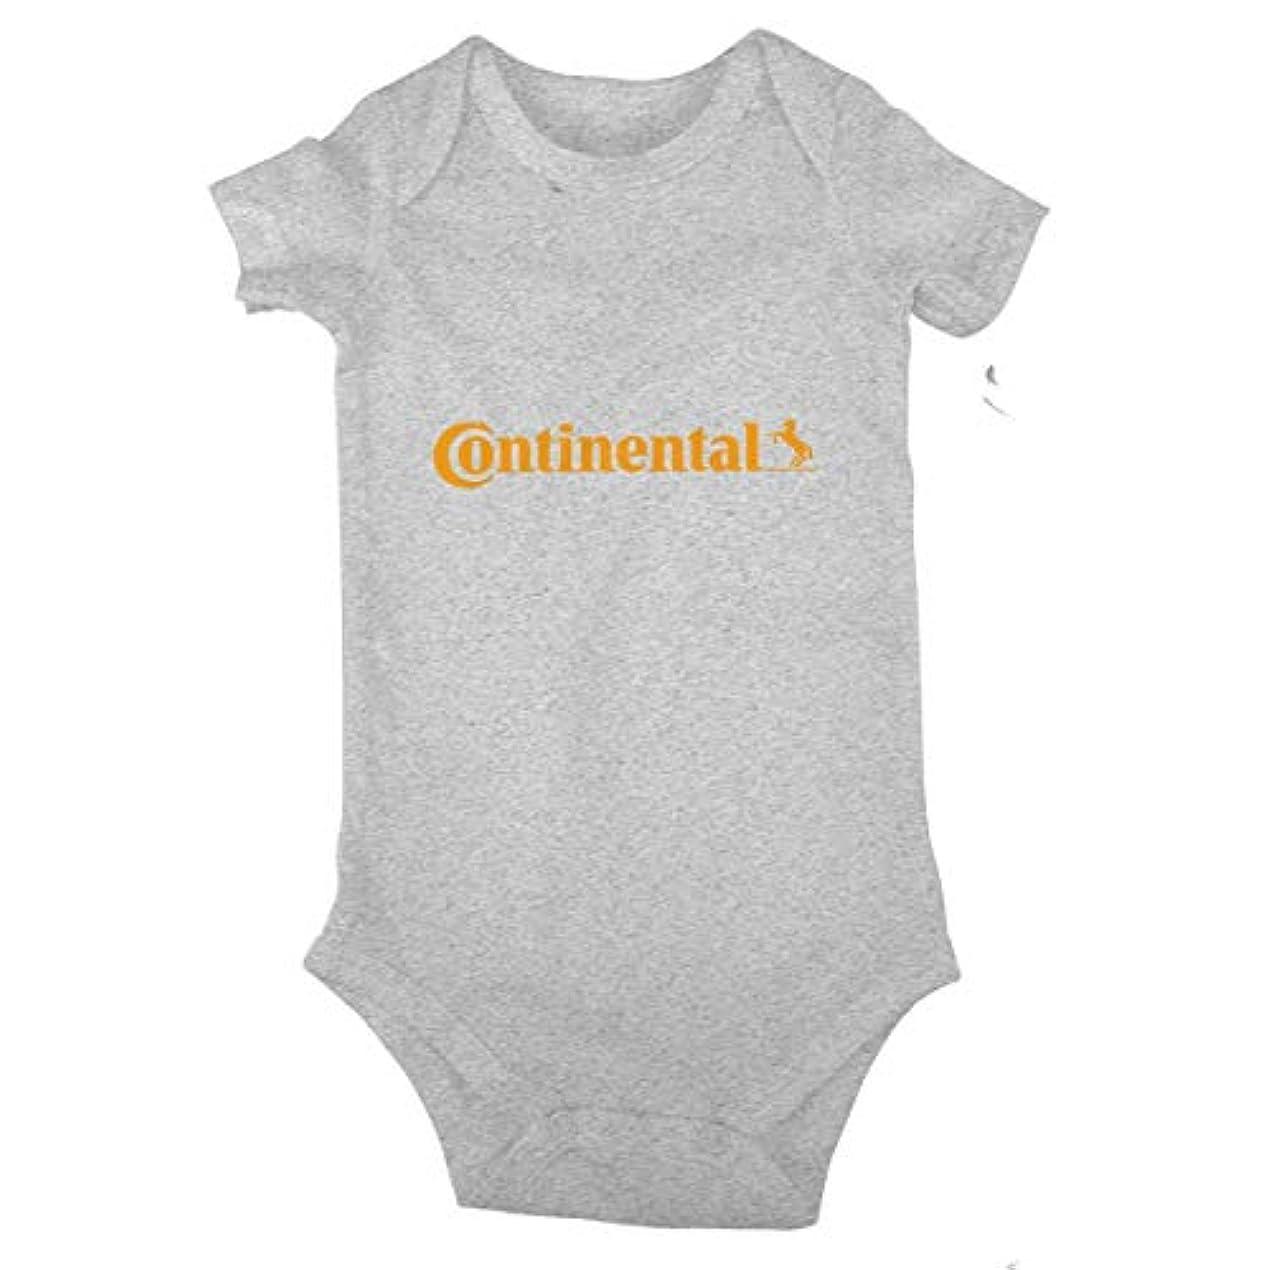 タヒチパンサー結婚したContinental-emblem赤ちゃん新生児服ユニークな赤ちゃん服綿ソフトベビー服ユニセックス